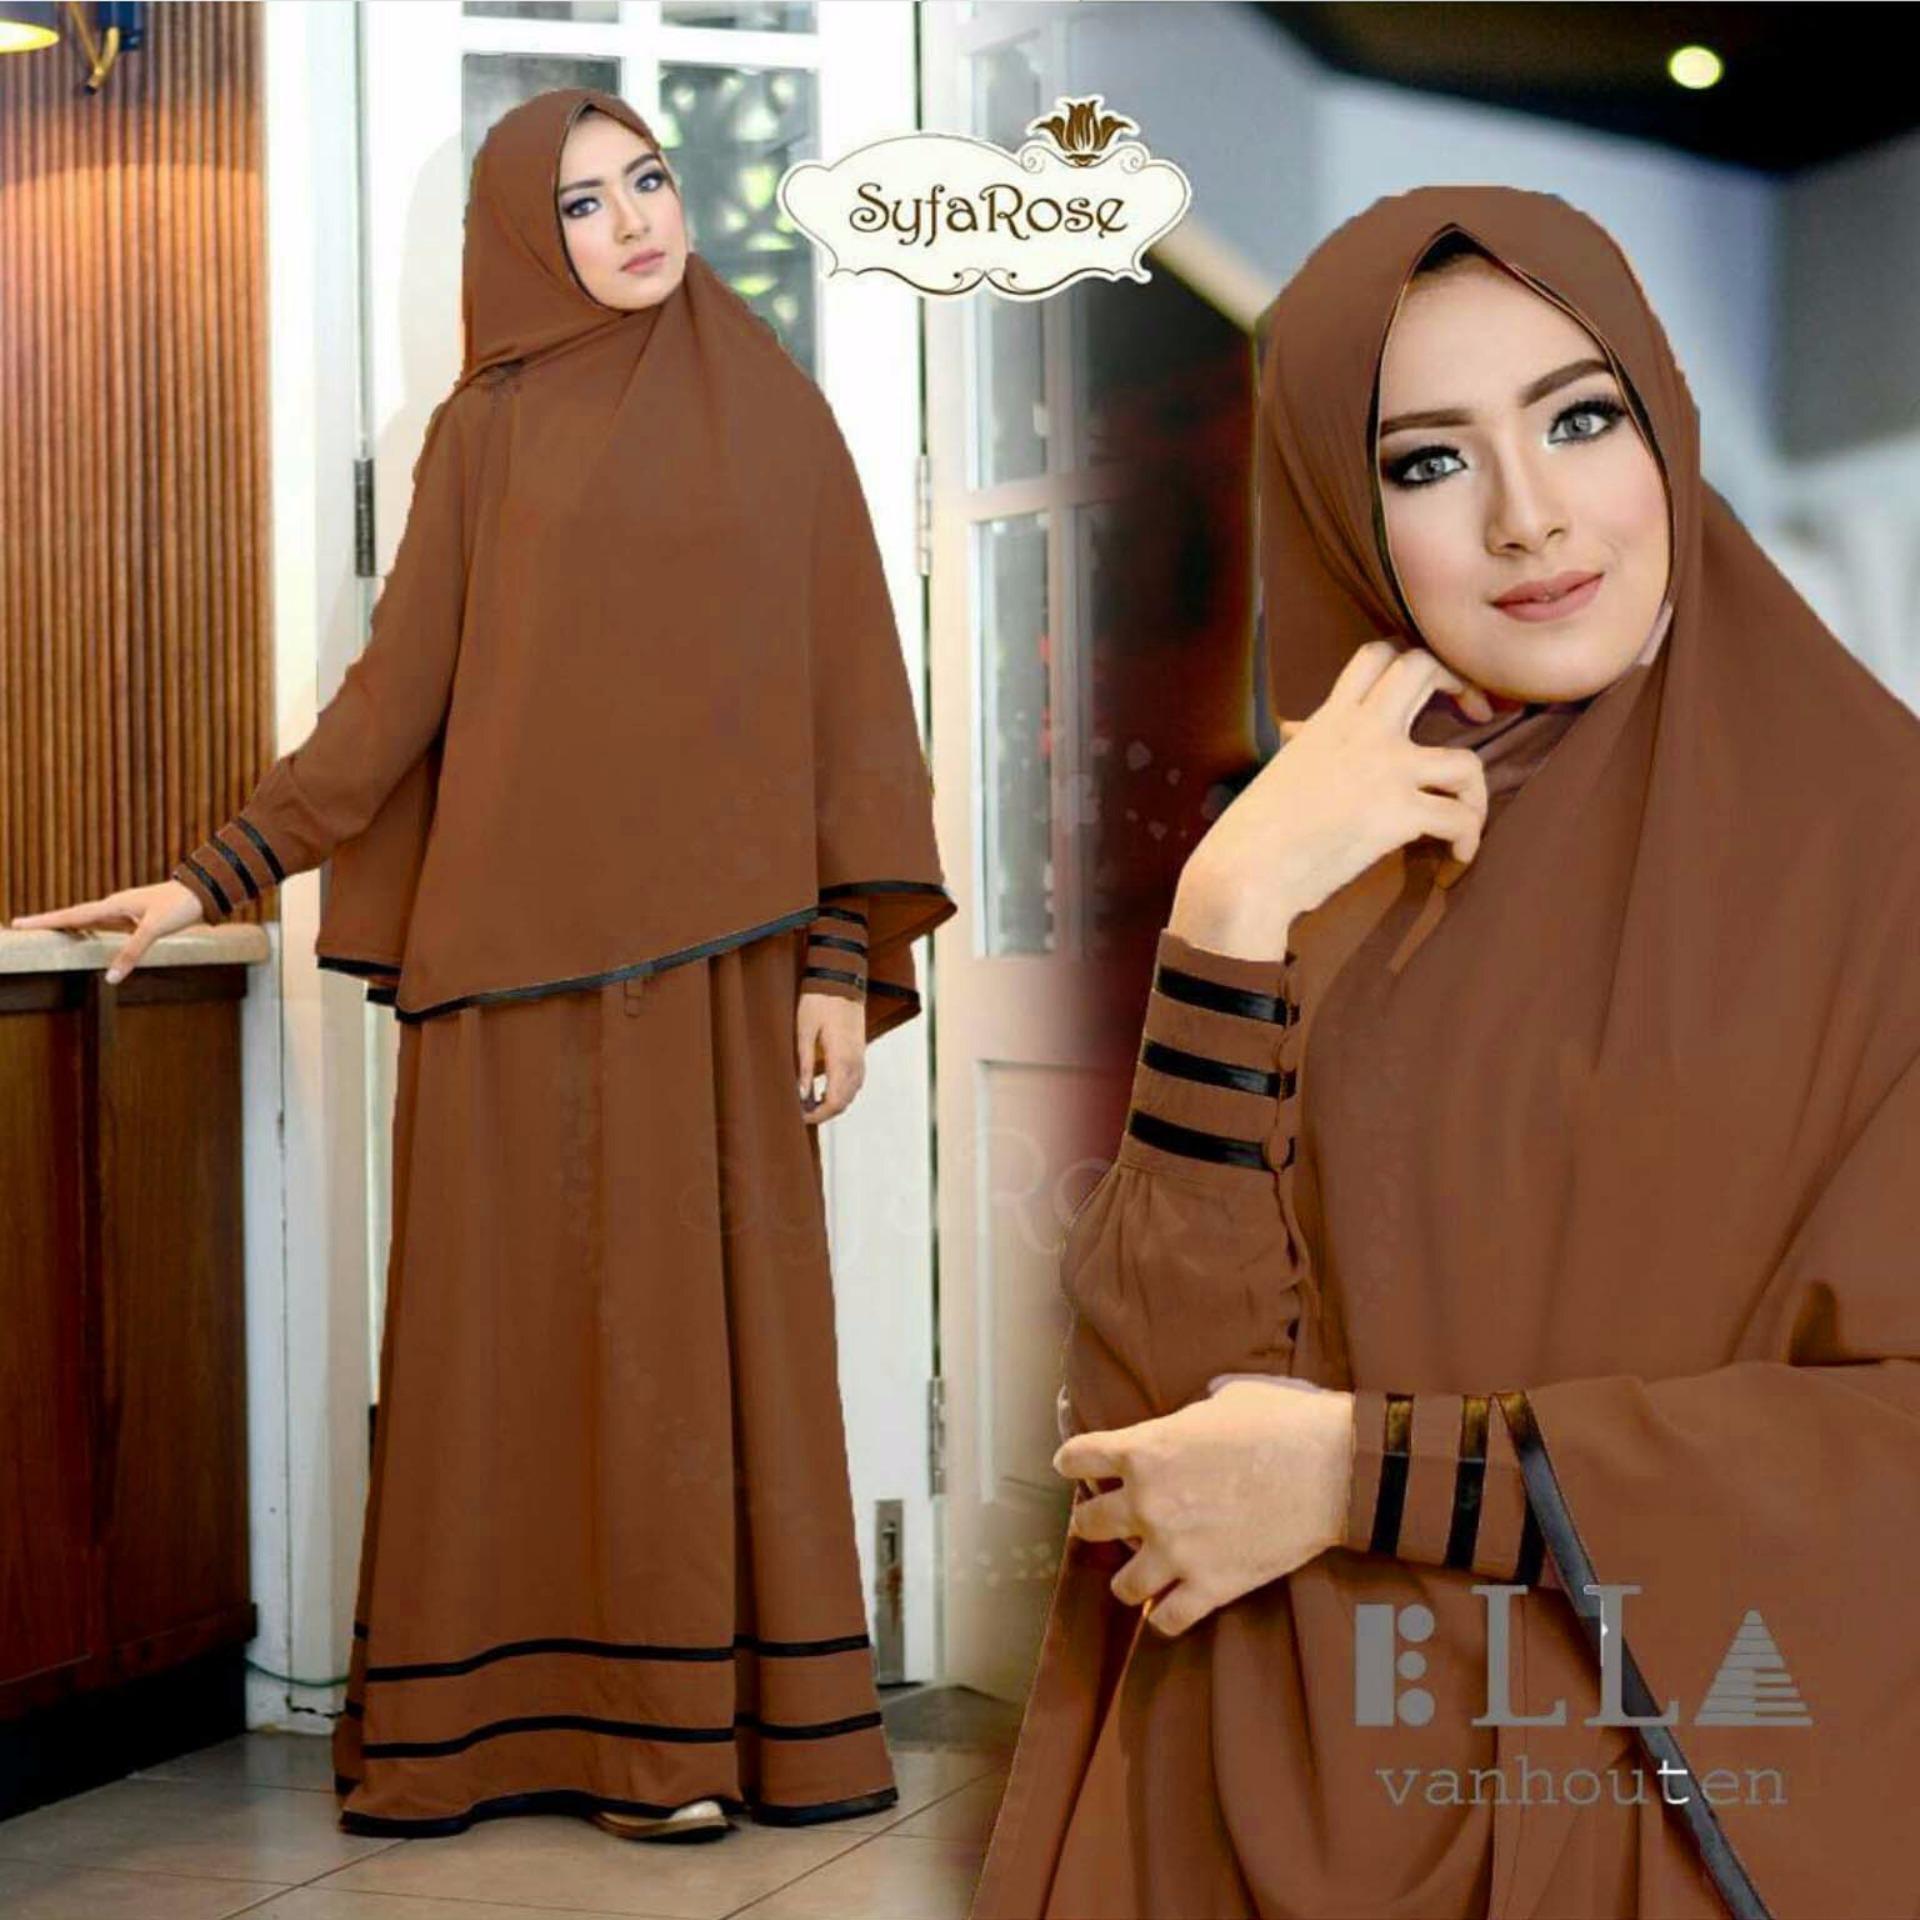 Suki Dress Hijab Syfarose Ungu Lazada Indonesia Source Suki